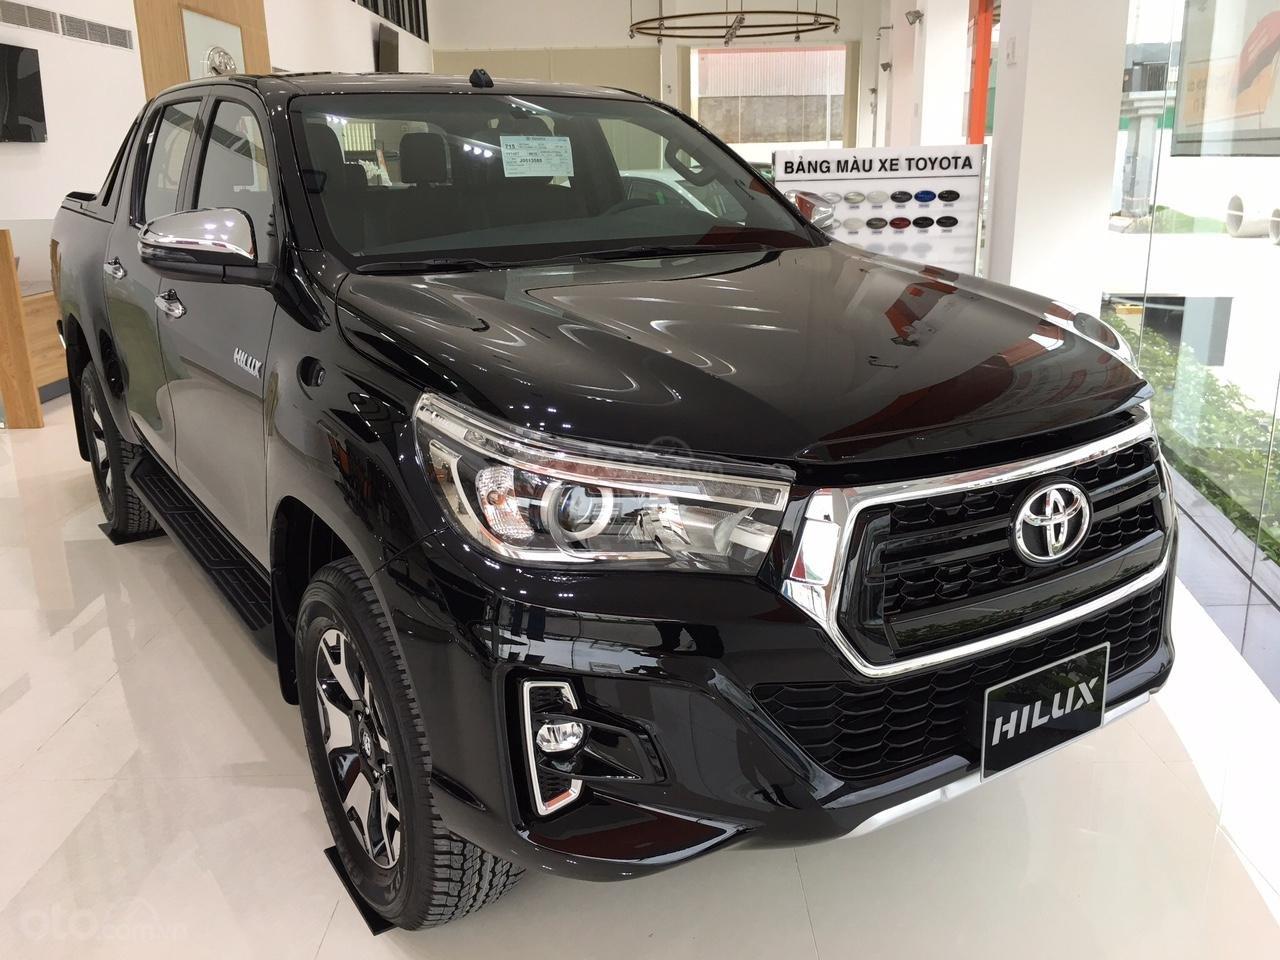 Bán Toyota Hilux 2 cầu - nhập Thái, ưu đãi cực kì hấp dẫn, hỗ trợ giao xe tận nơi-0